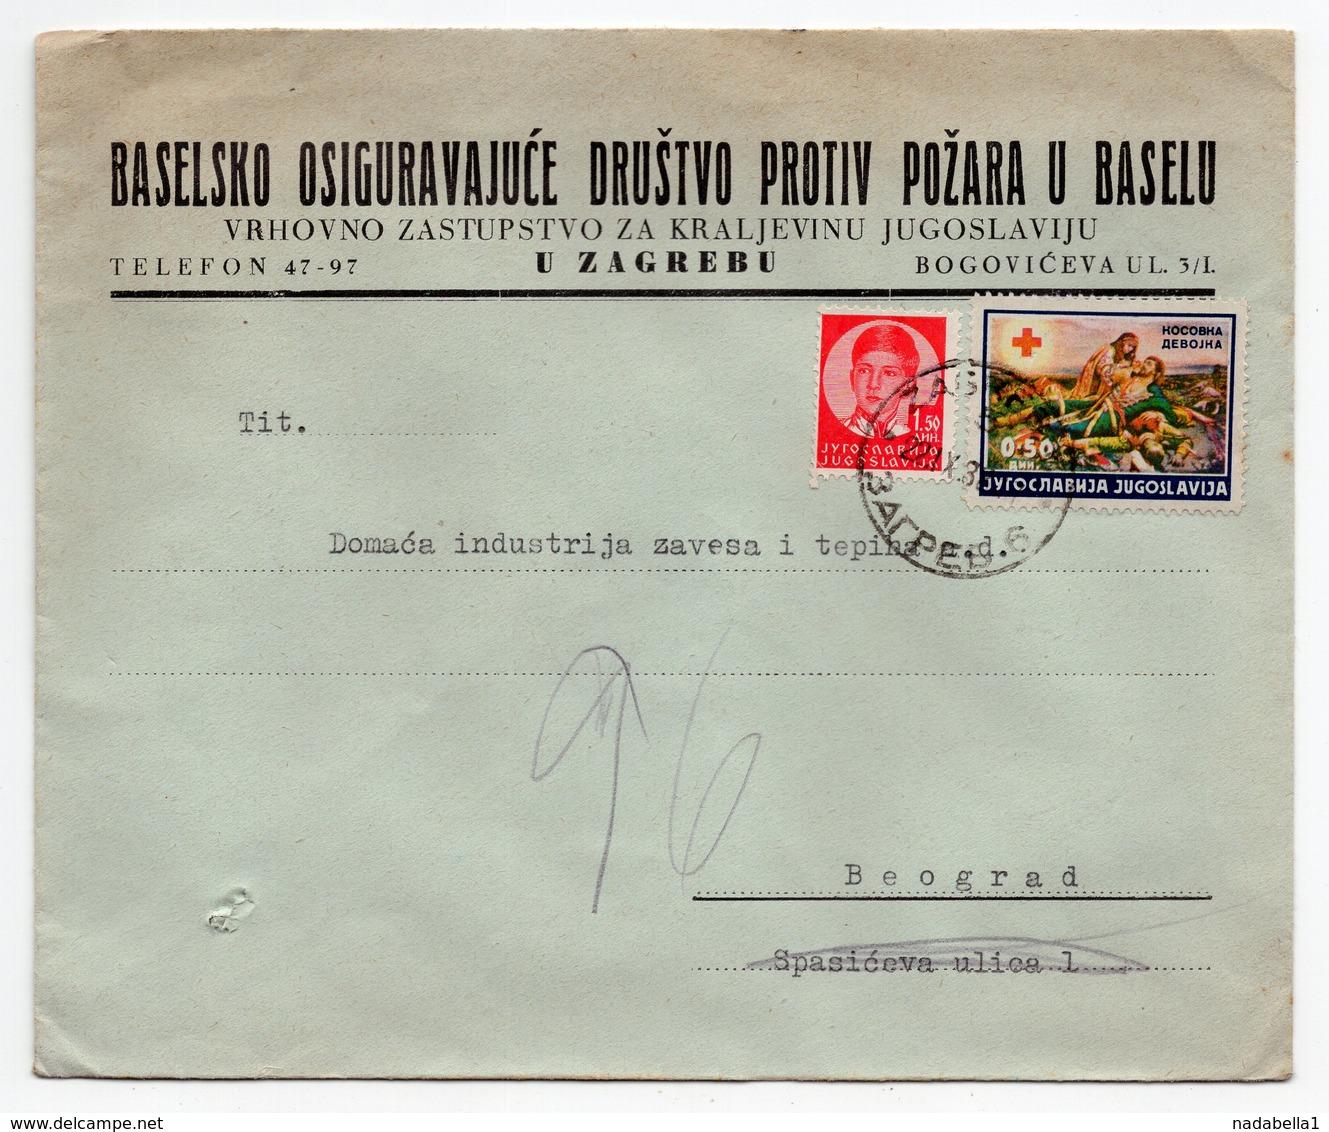 1930s  CROATIA, ZAGREB TO BELGRADE, BASEL INSURANCE CO, HEAD OFFICE FOR KINGDOM OF YUGOSLAVIA, COMPANY LETTERHEAD COVER - 1931-1941 Kingdom Of Yugoslavia